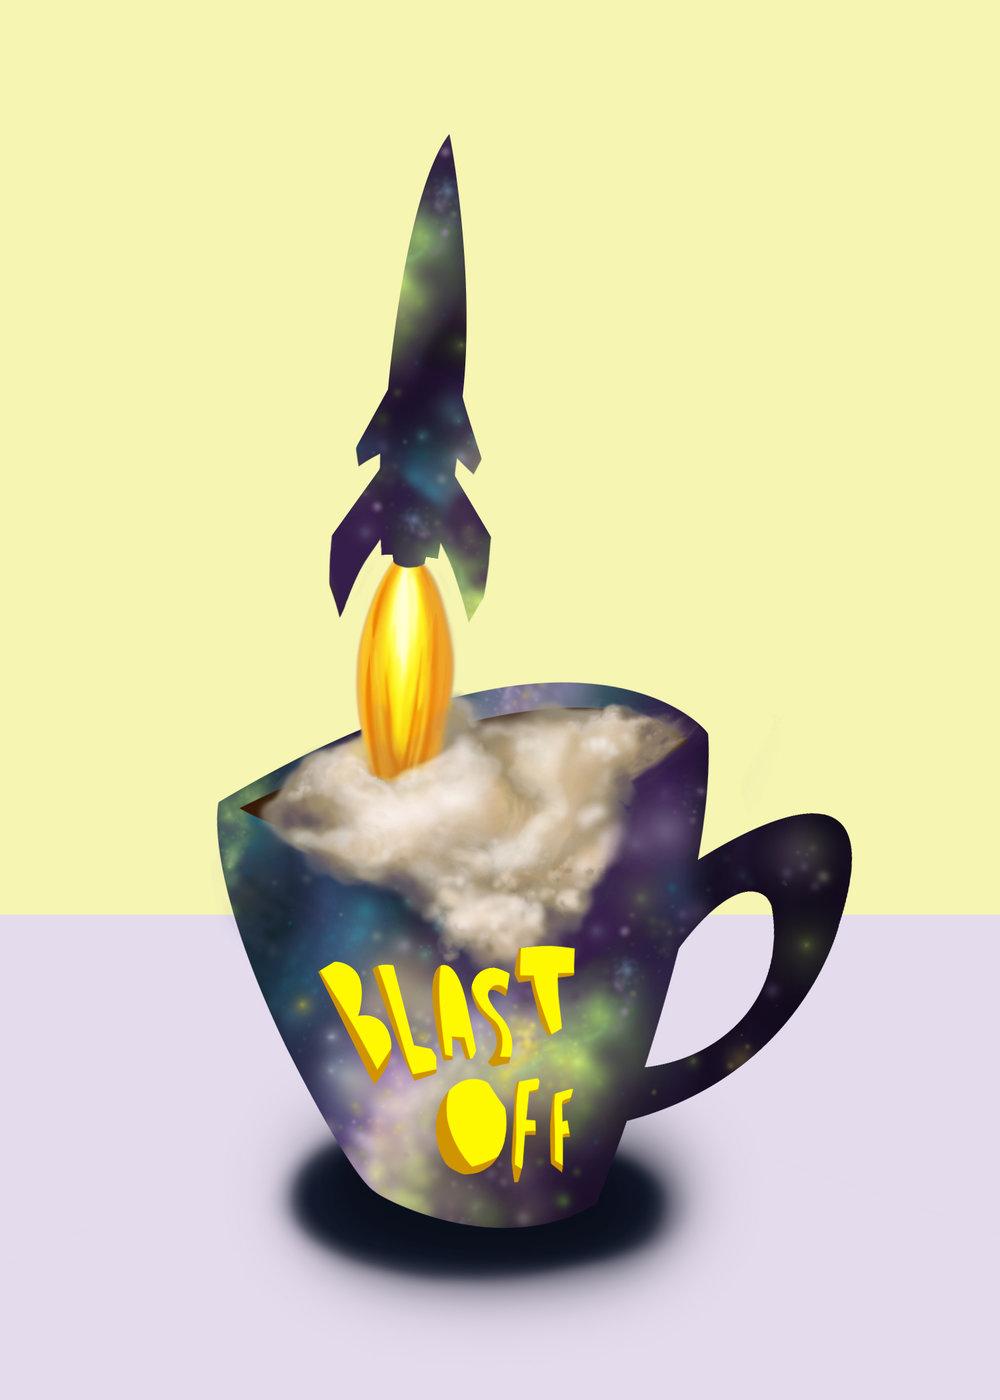 BlastOff.jpg